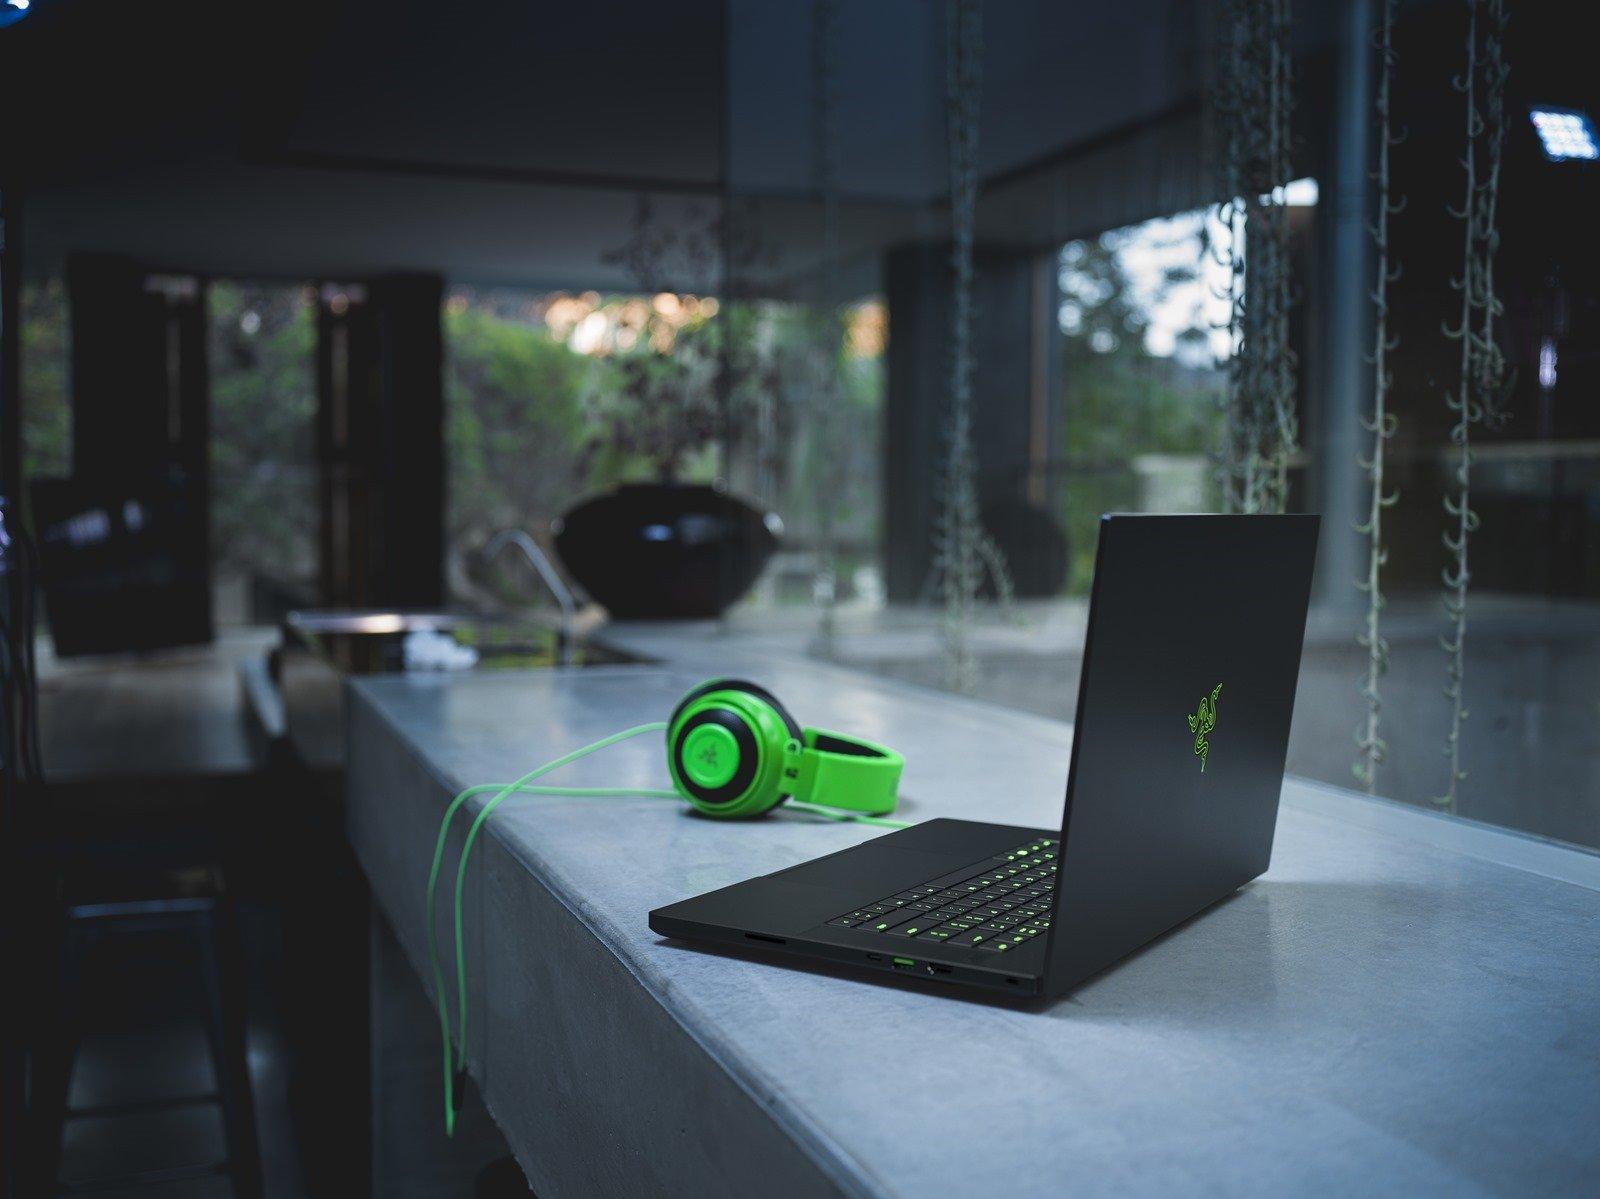 全新 RAZER BLADE 系列電競筆電!為追求極致的玩家而創造 @3C 達人廖阿輝